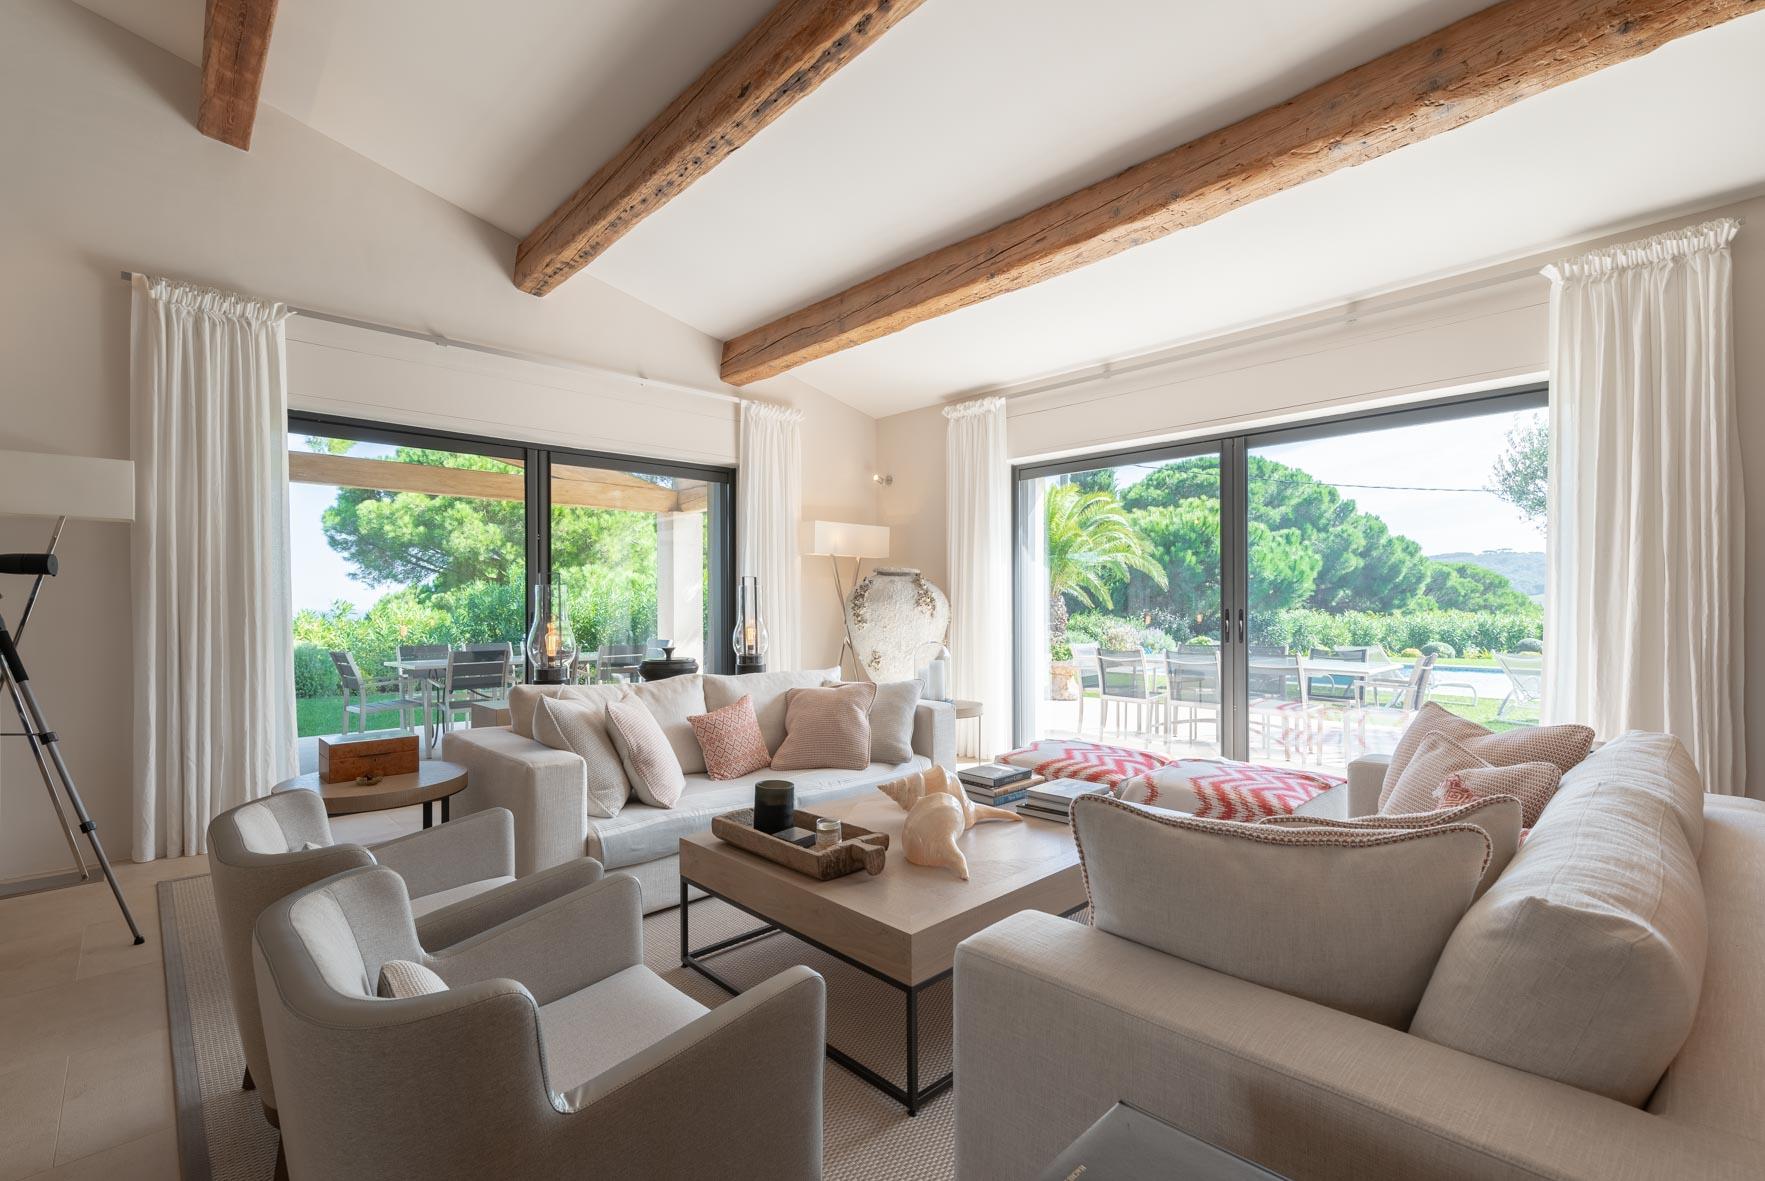 Villa-location-ramatuelle-saint-tropez-21